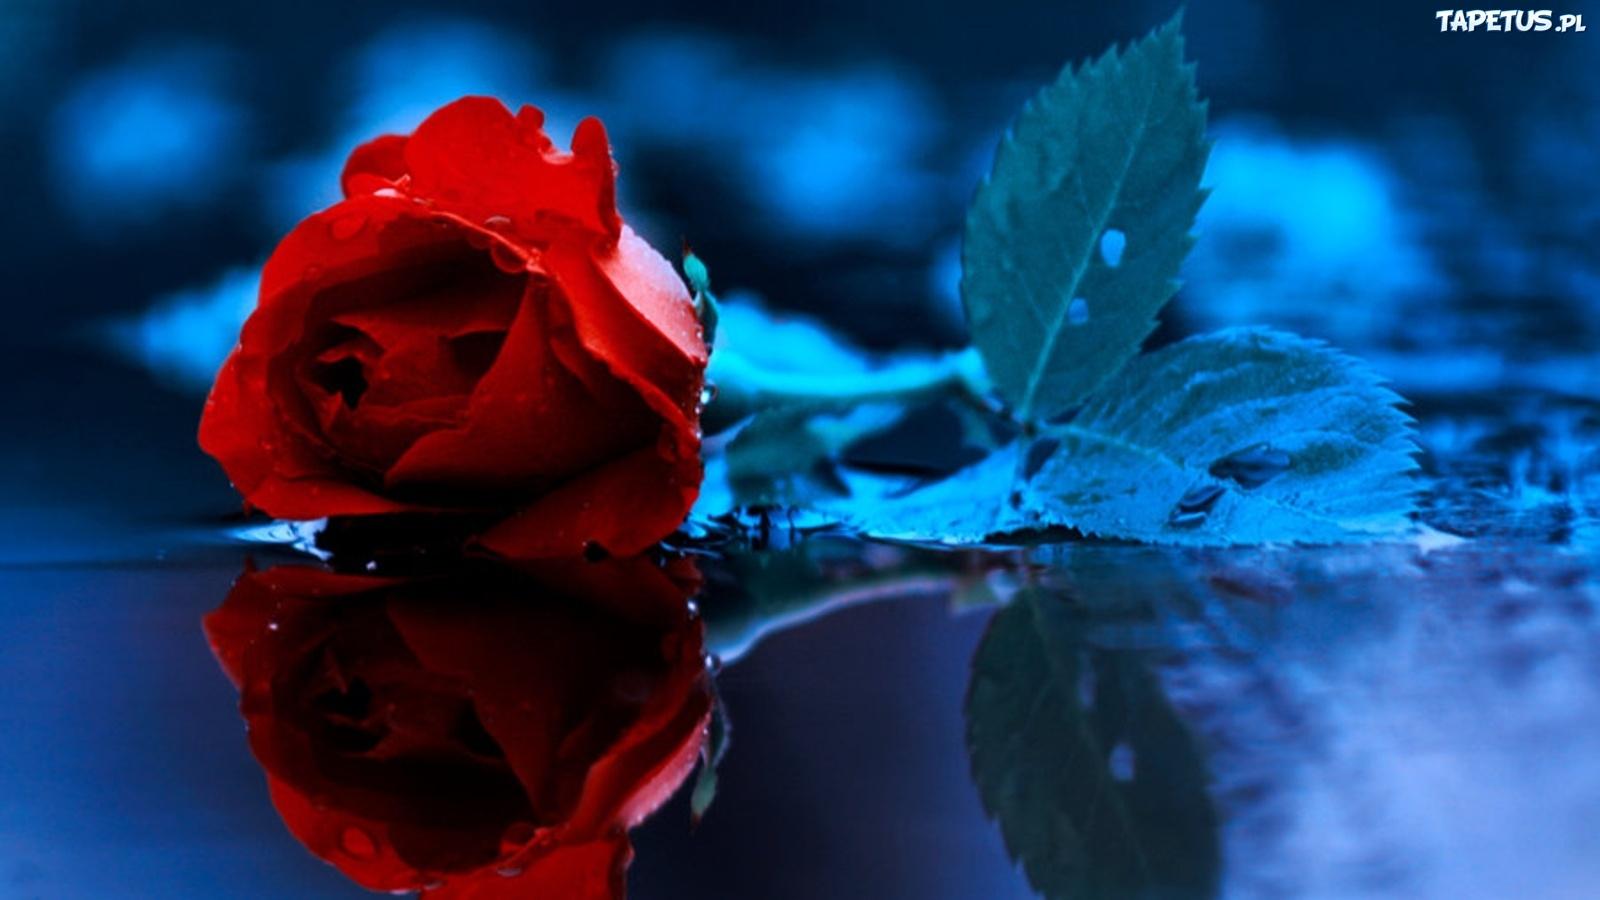 www.tapetus.pl/obrazki/n/121276_roza-niebieskie-tlo.jpg